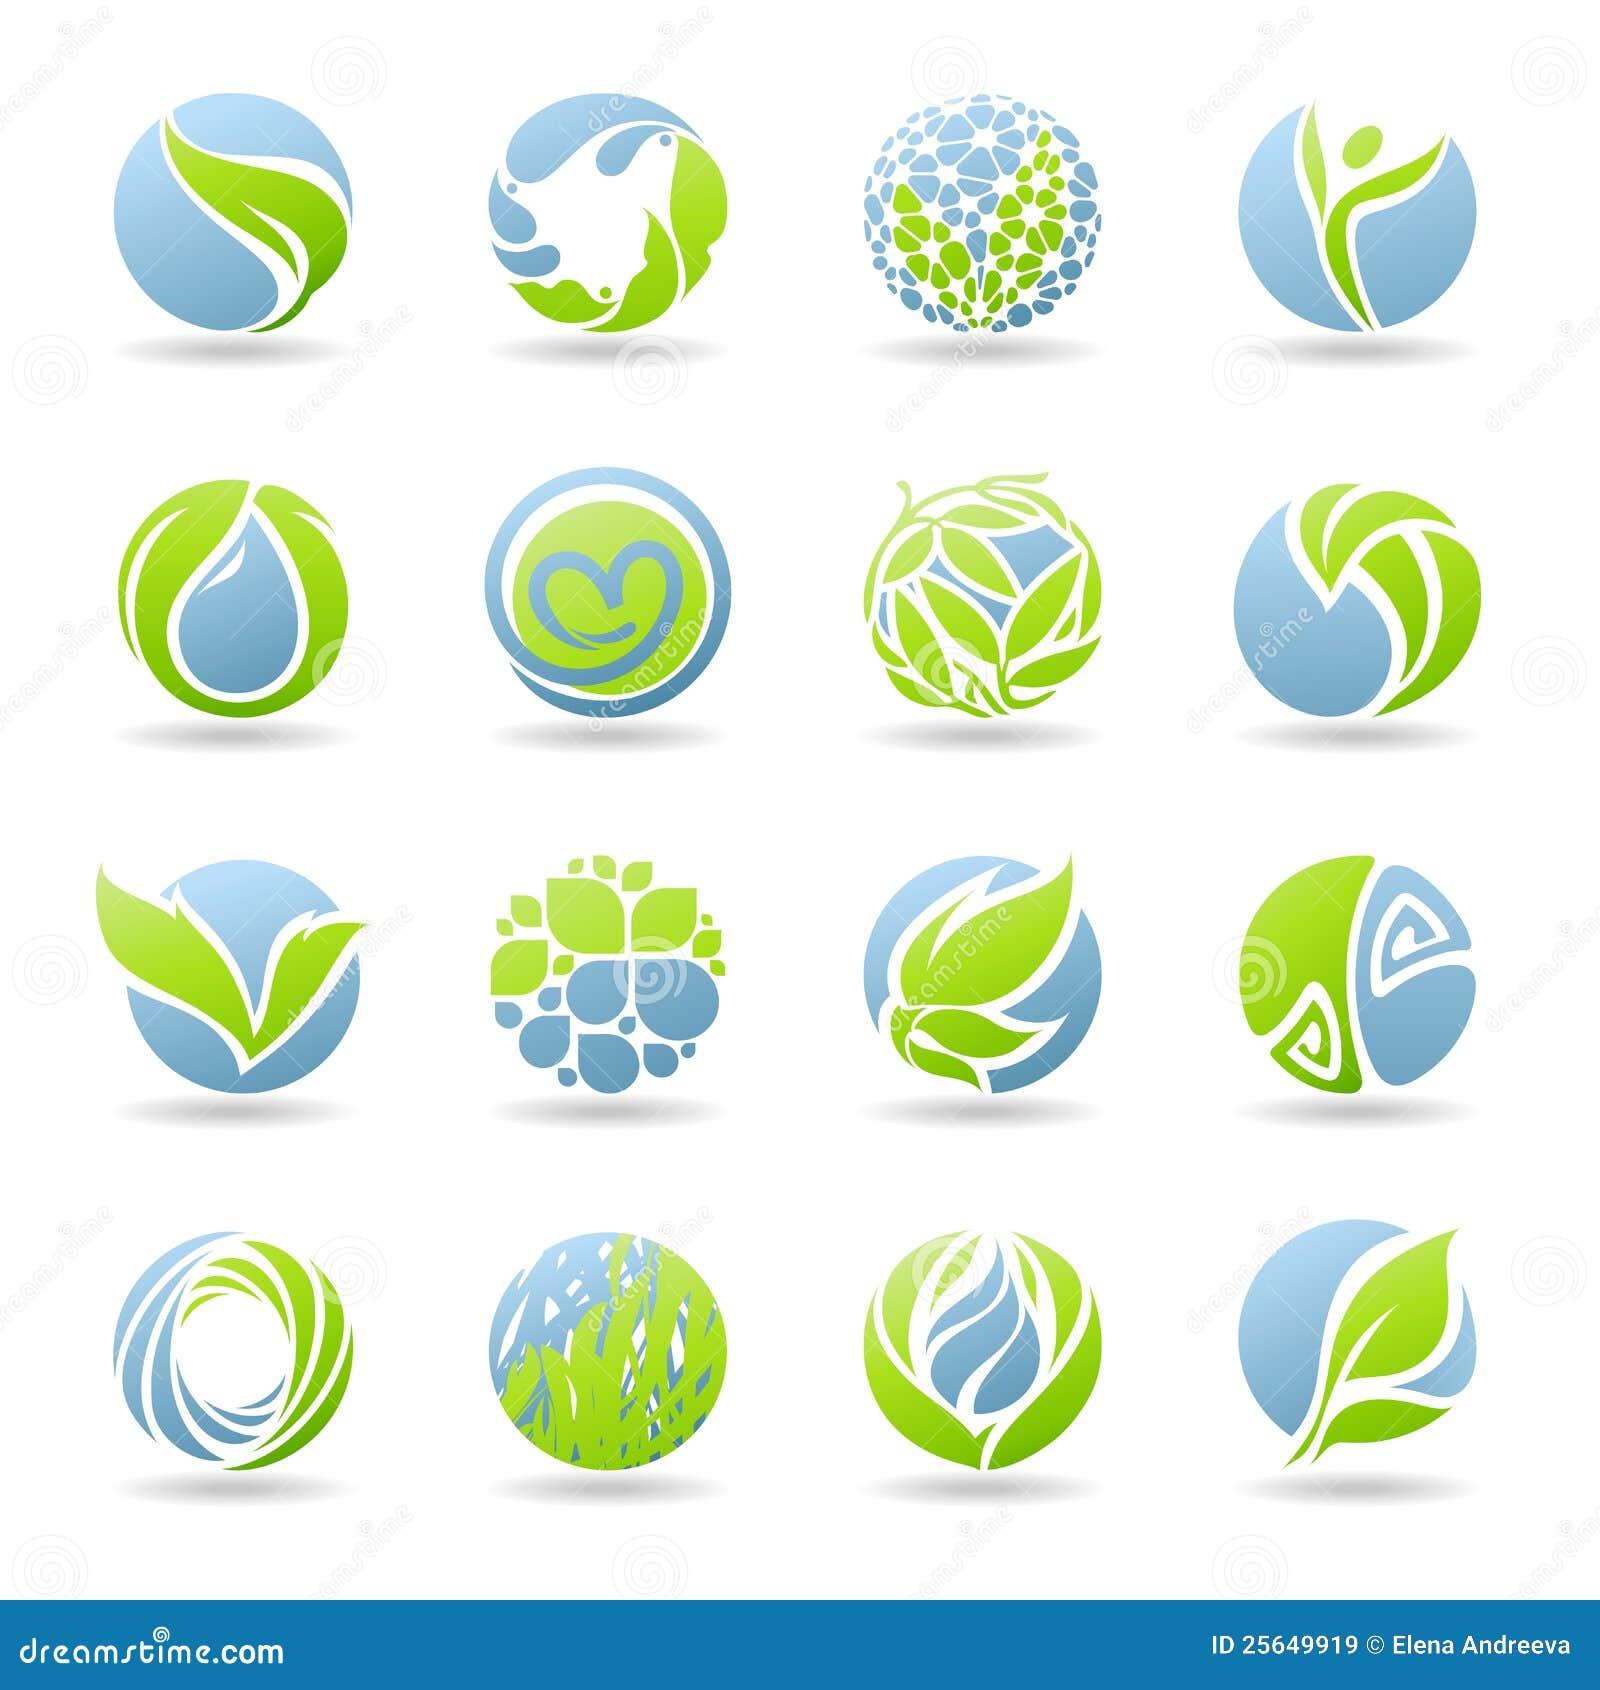 Tropfen und Blätter. Vektorzeichen-Schablonenset.